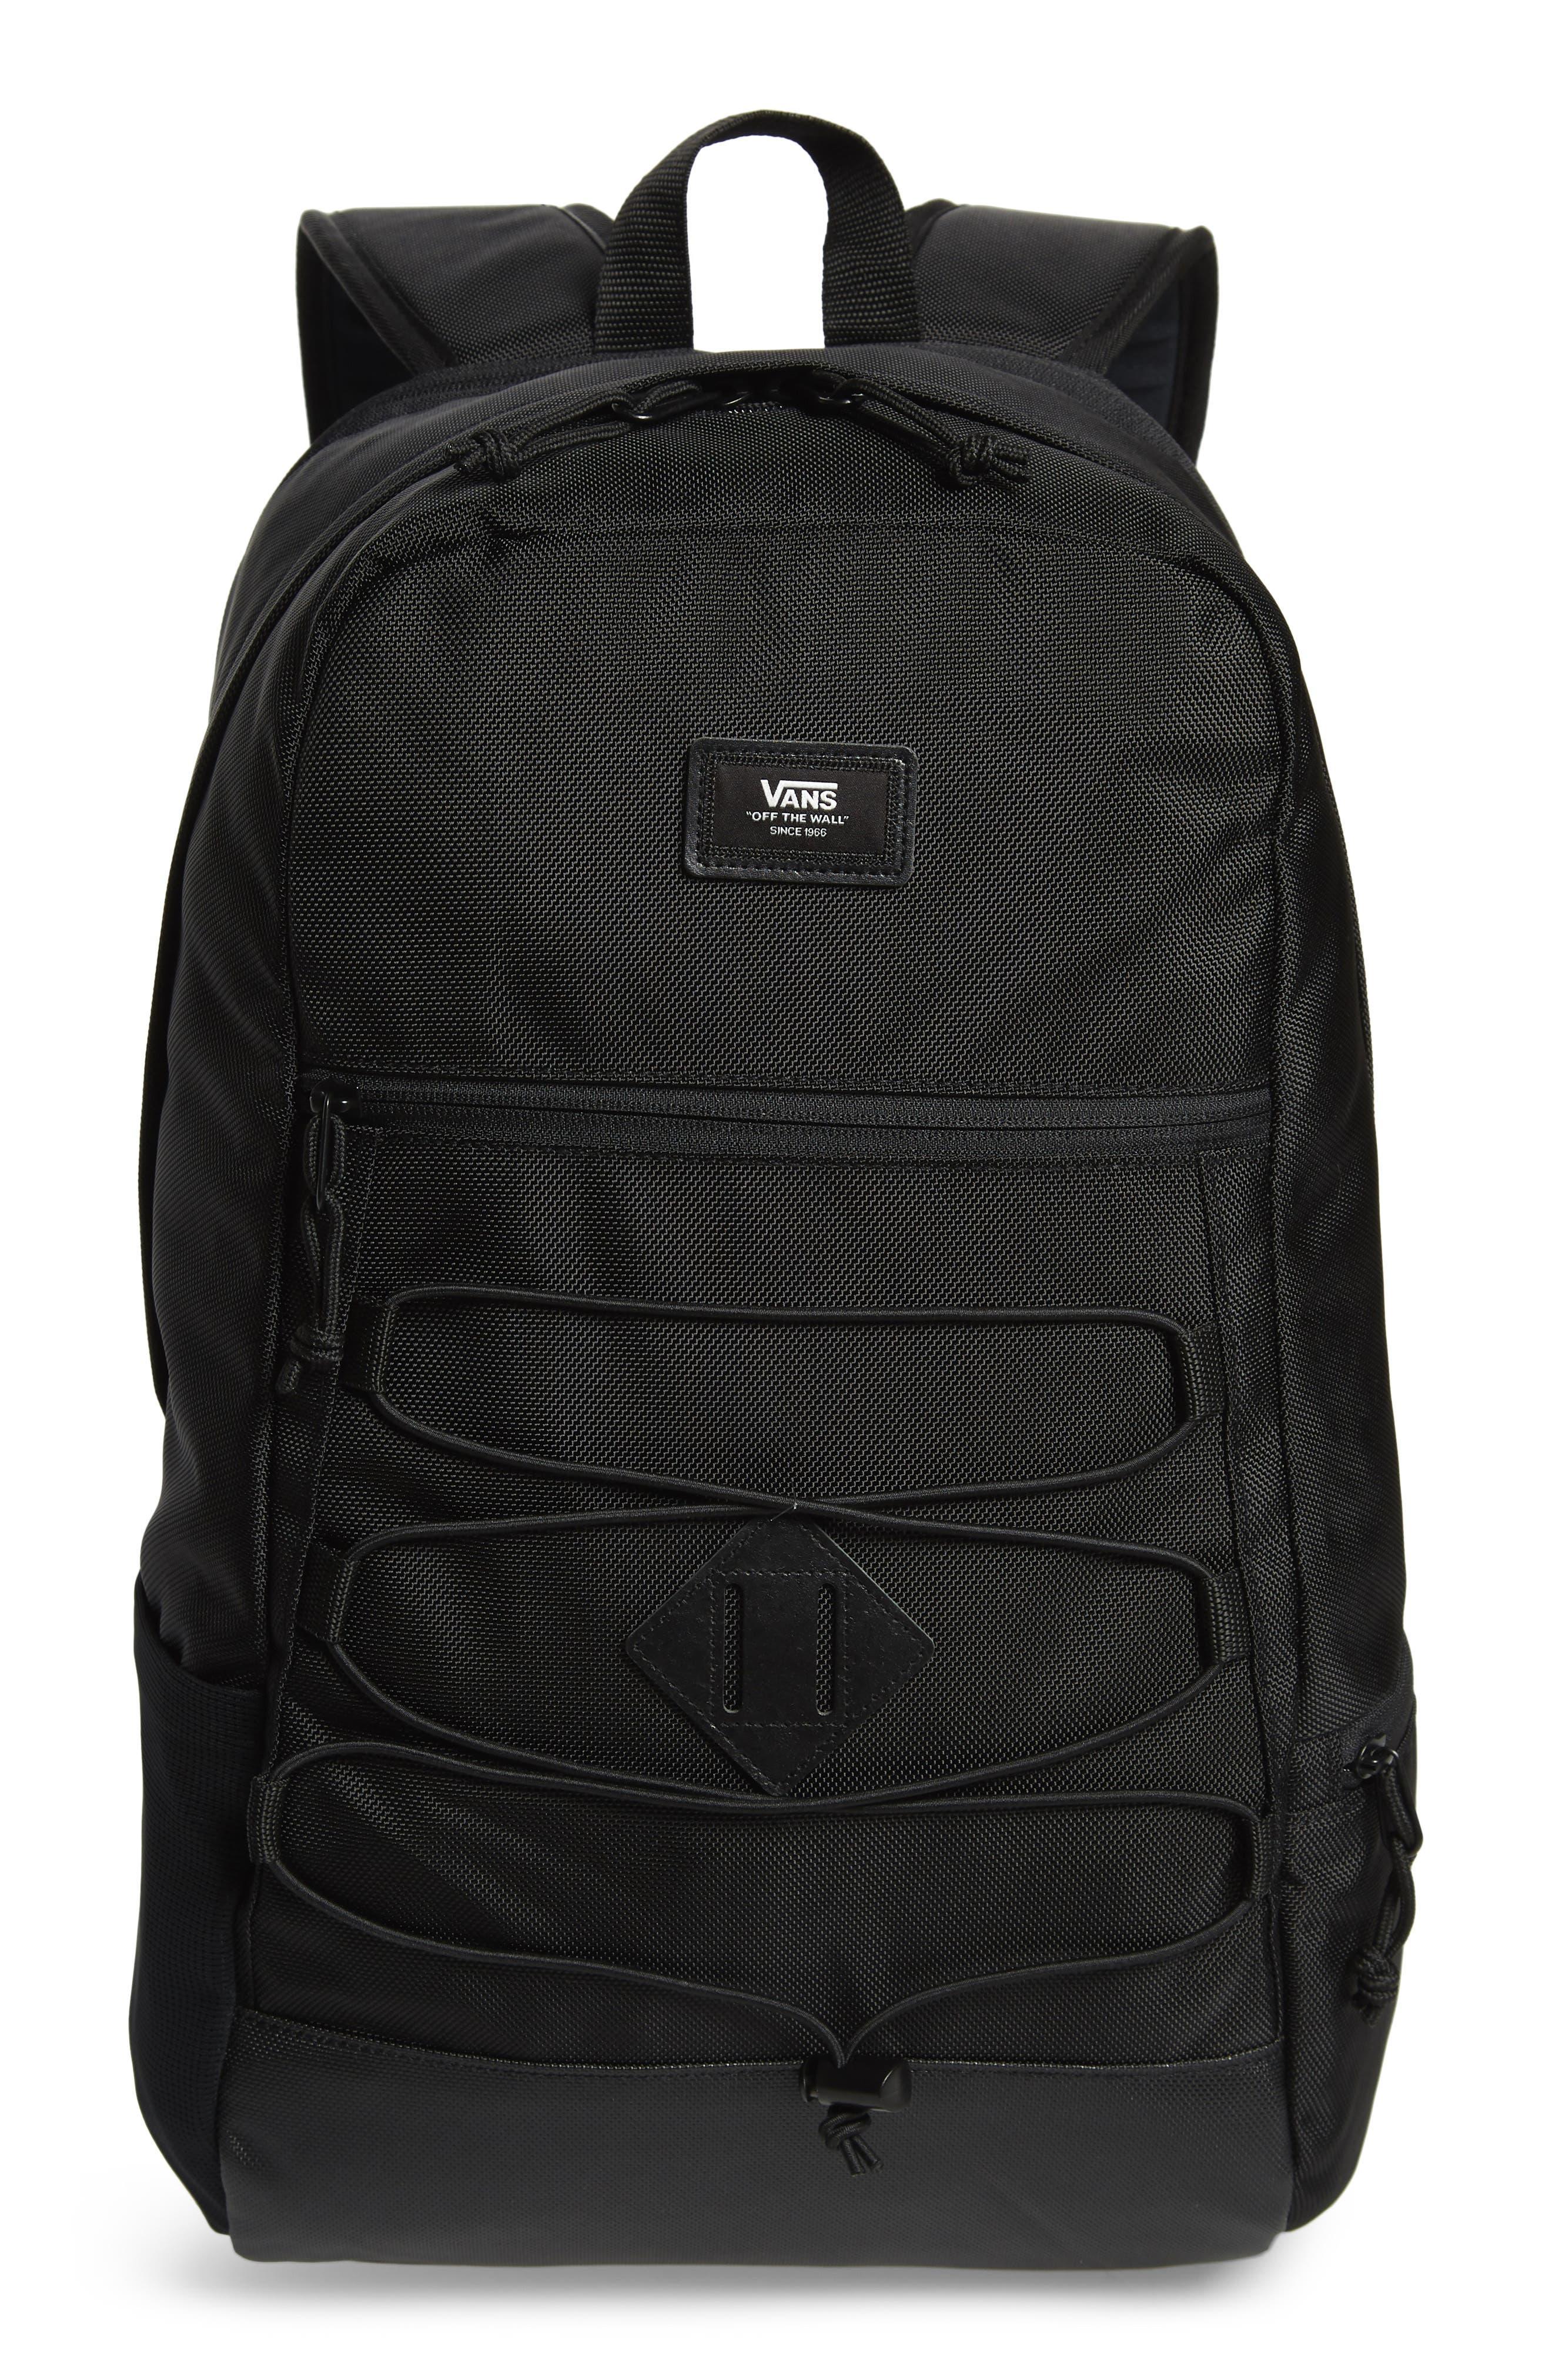 Vans Snag Plus Backpack - Black